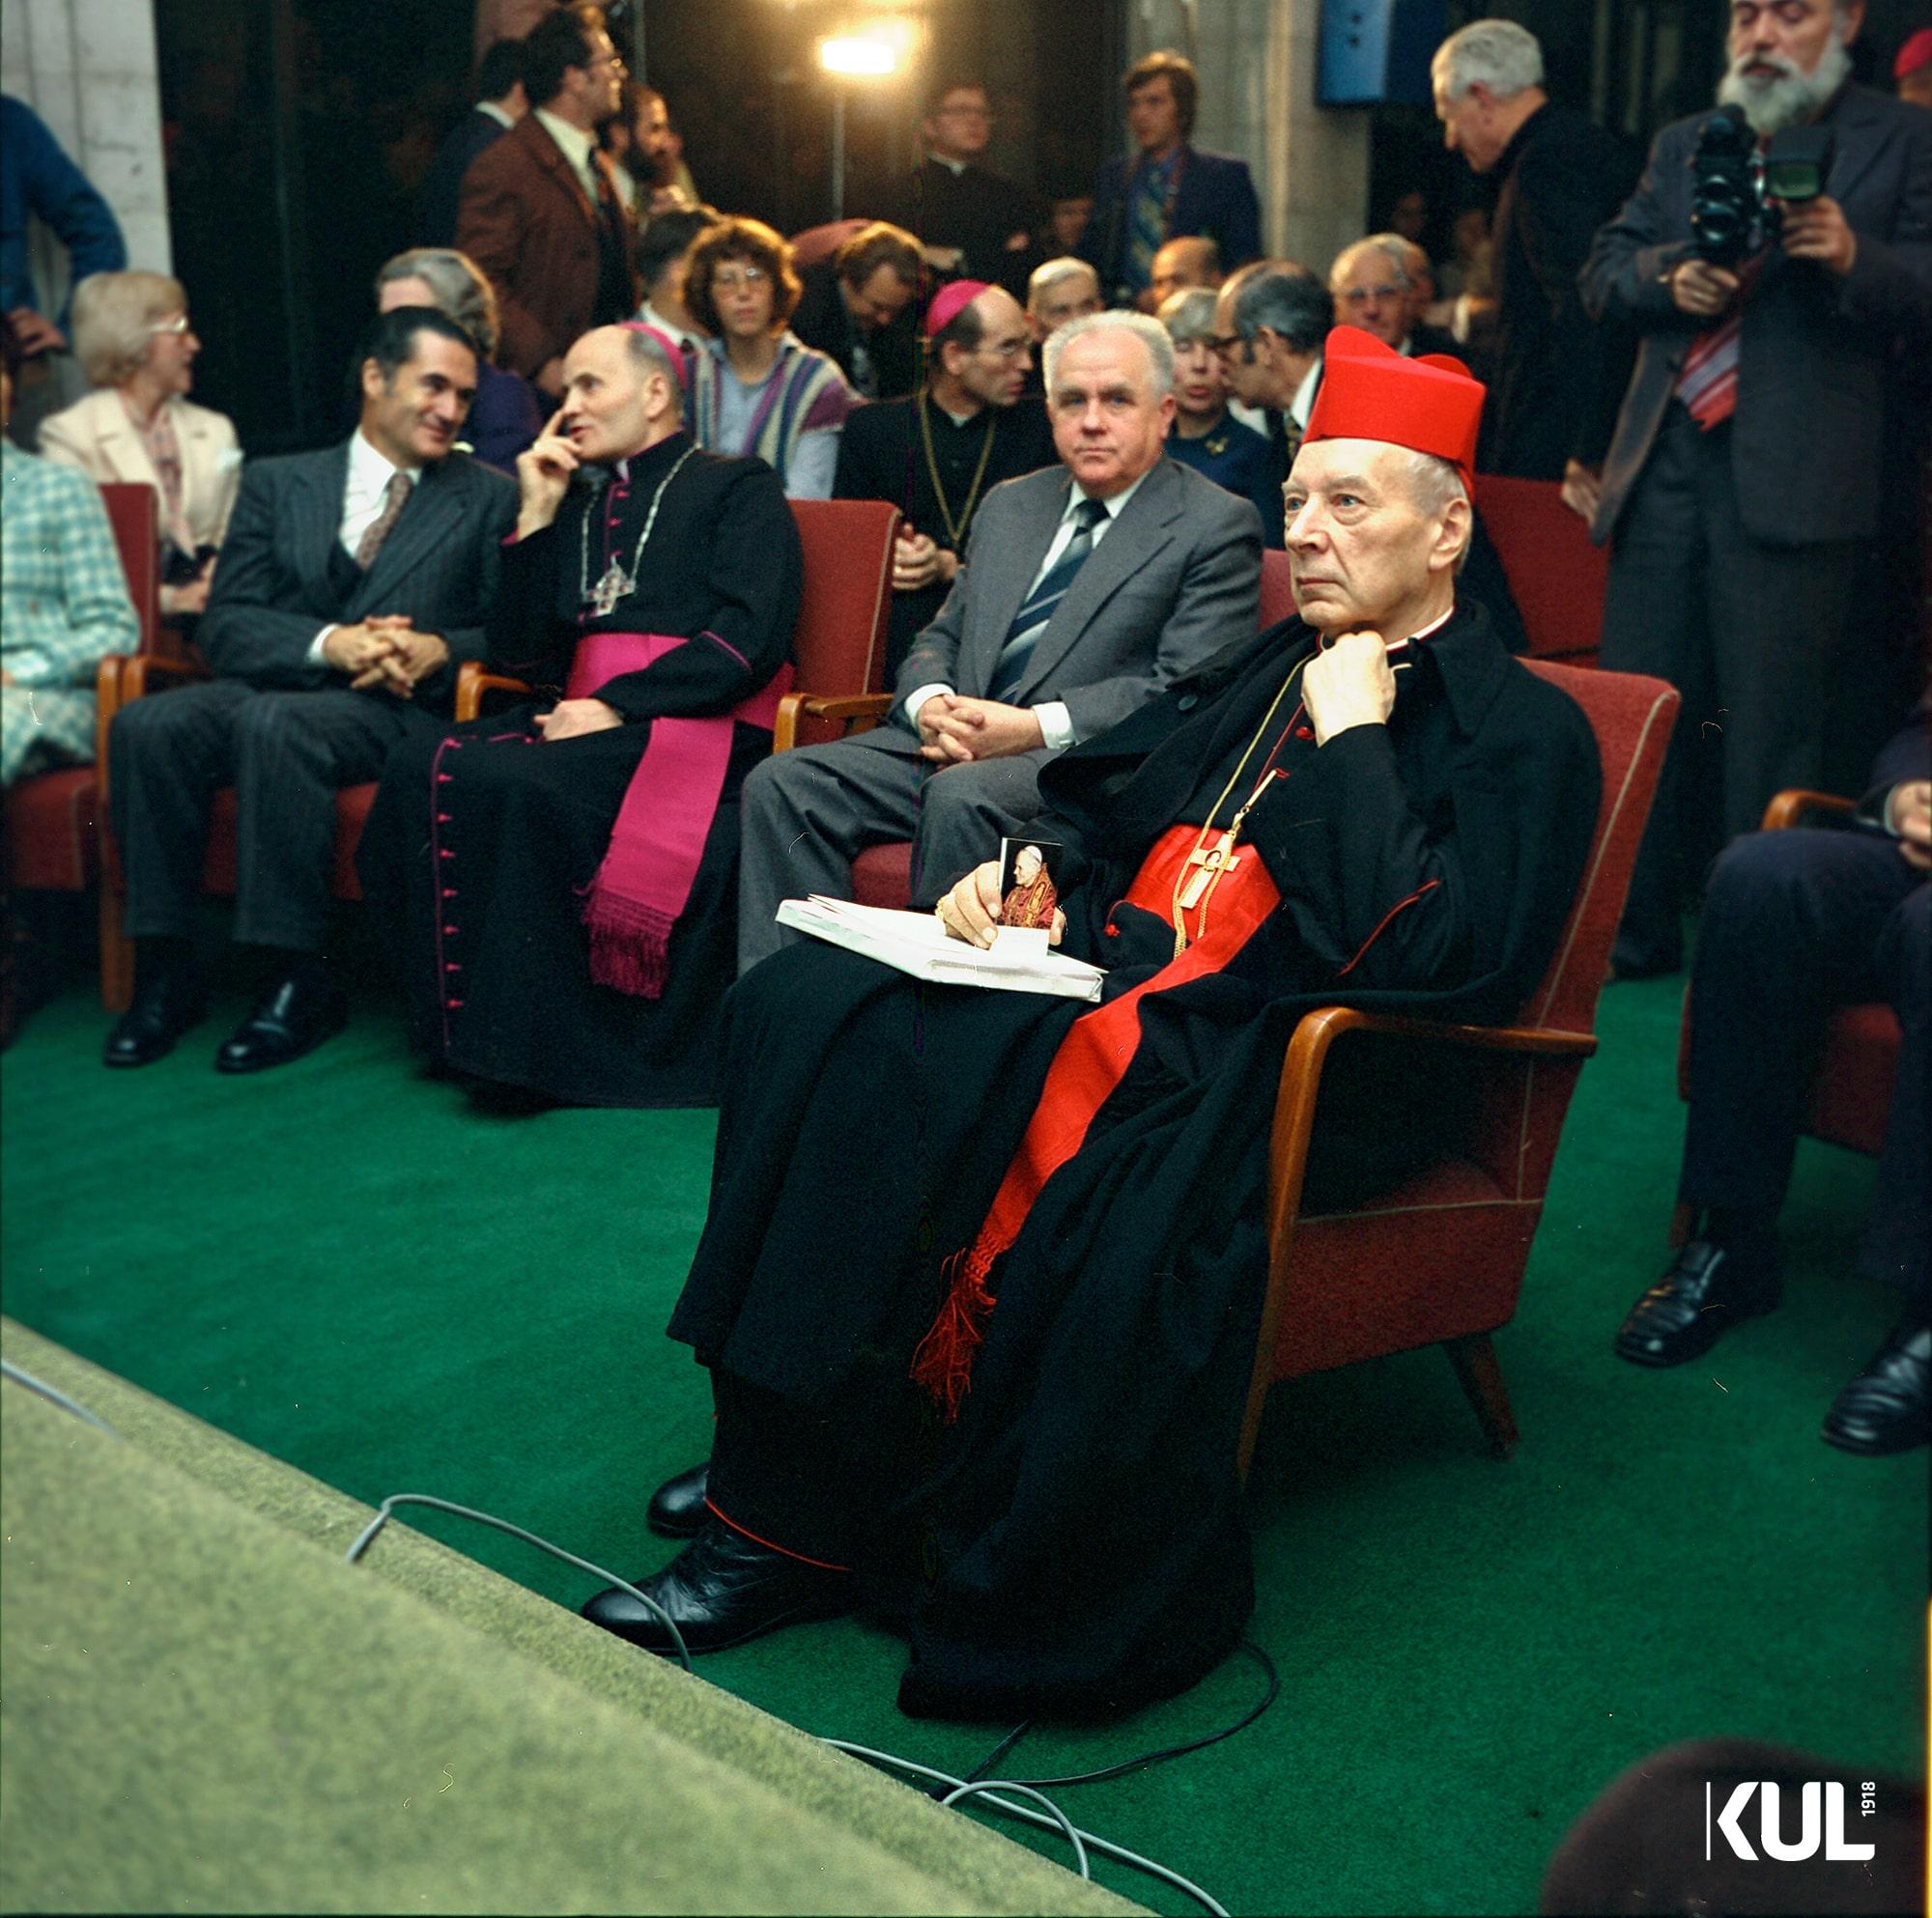 Lublin: W niedzielę beatyfikacja kard. Wyszyńskiego. KUL wydał oświadczenie - Zdjęcie główne